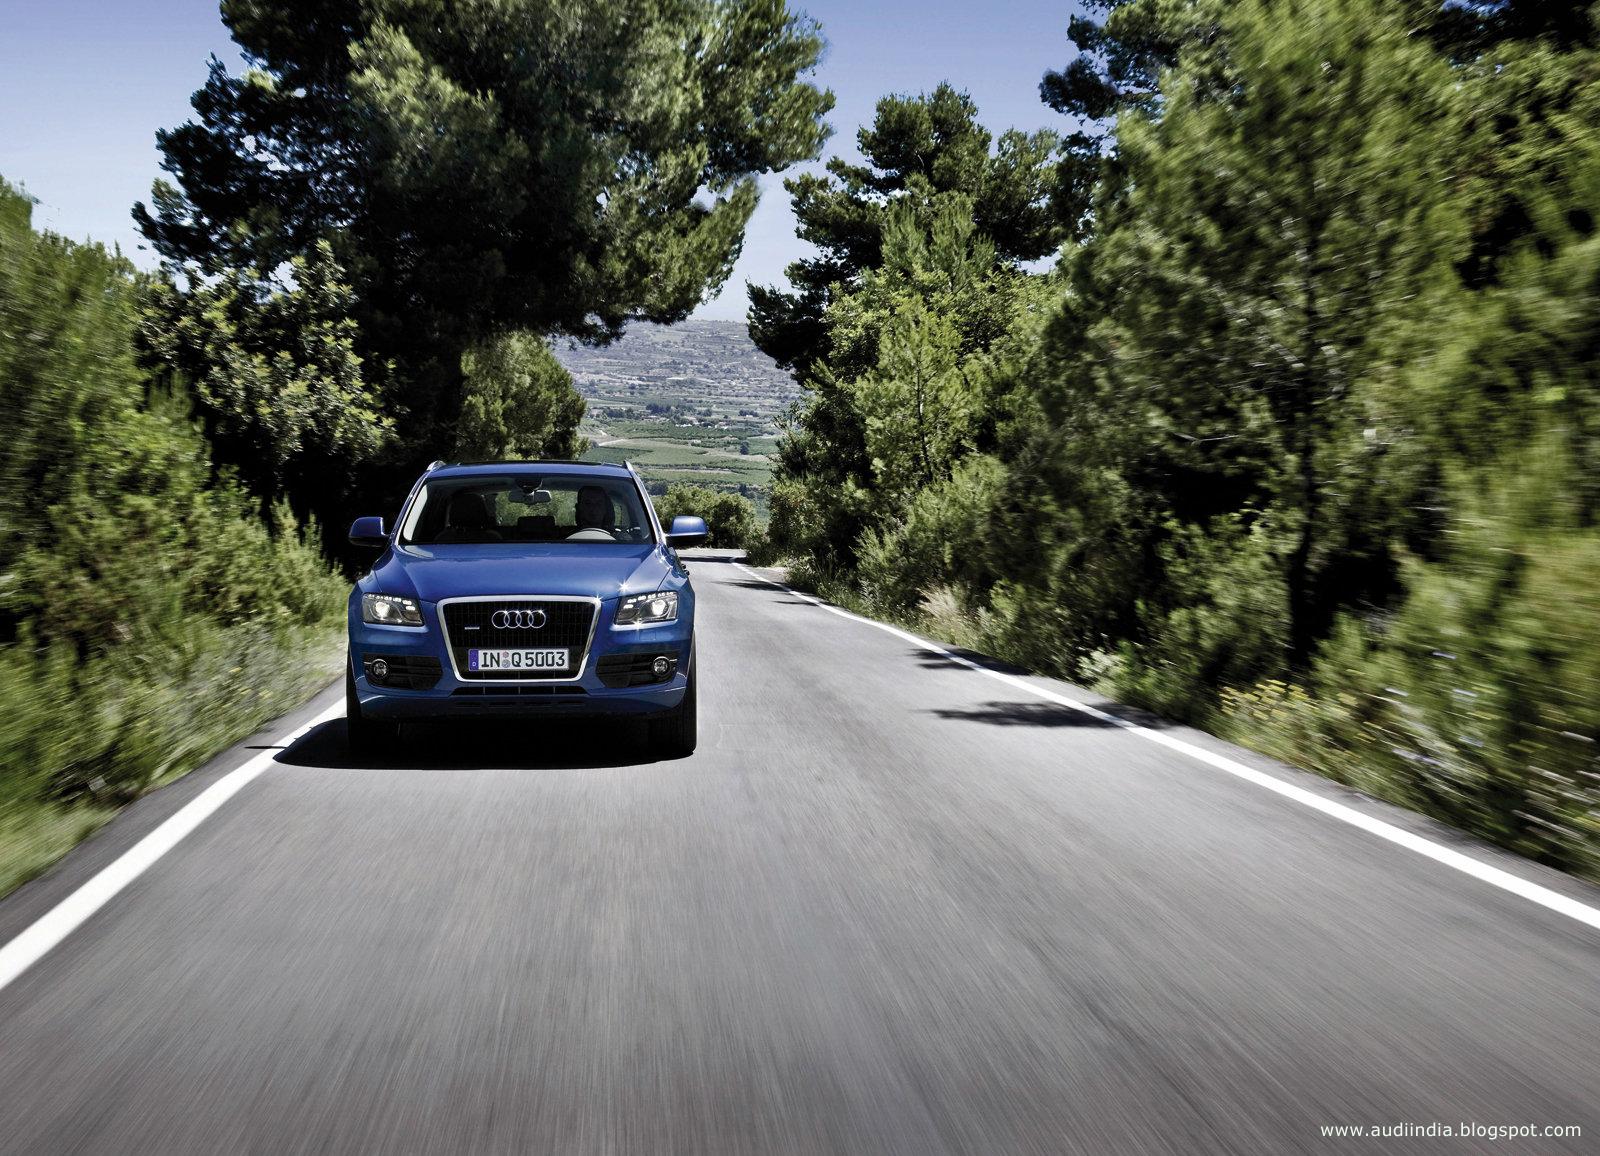 http://3.bp.blogspot.com/-BbrJQoMUMhA/T5pZUAezcoI/AAAAAAAAF3U/R55amiTUil8/s1600/Audi-Q5_2009_1600x1200_wallpaper_3c+copy.jpg